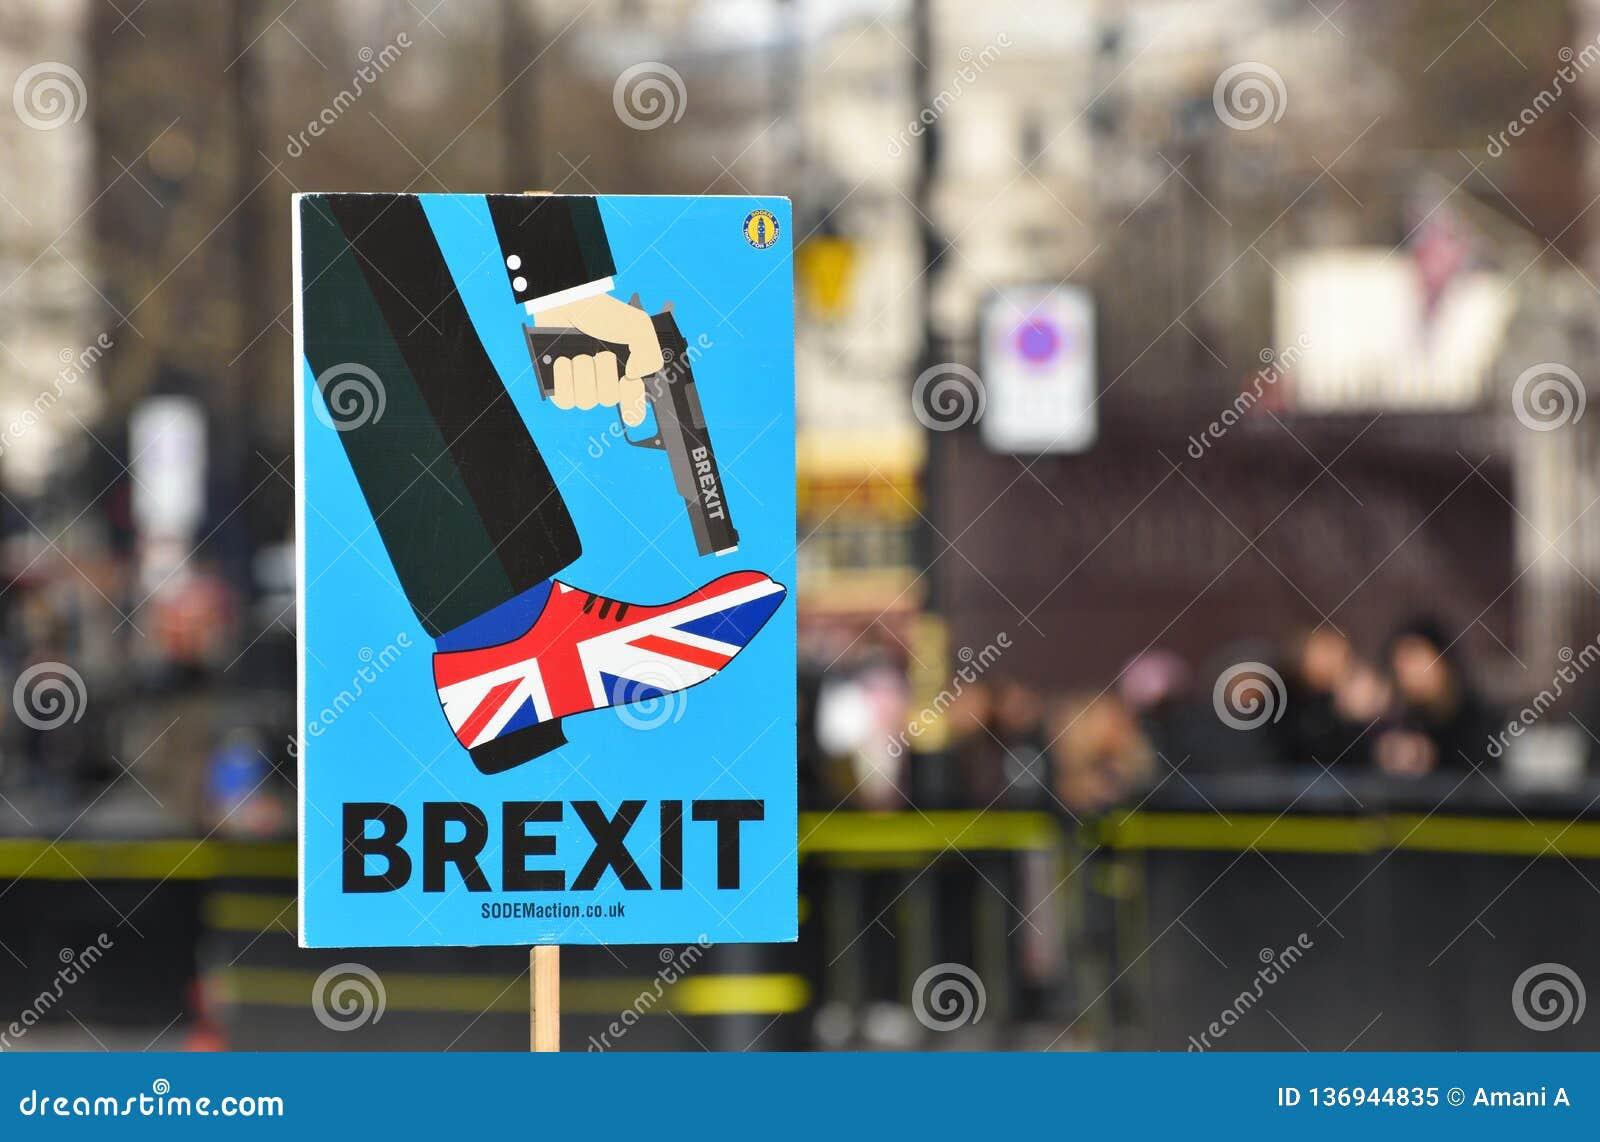 Anti Brexit Sign In London, UK Jan 2019